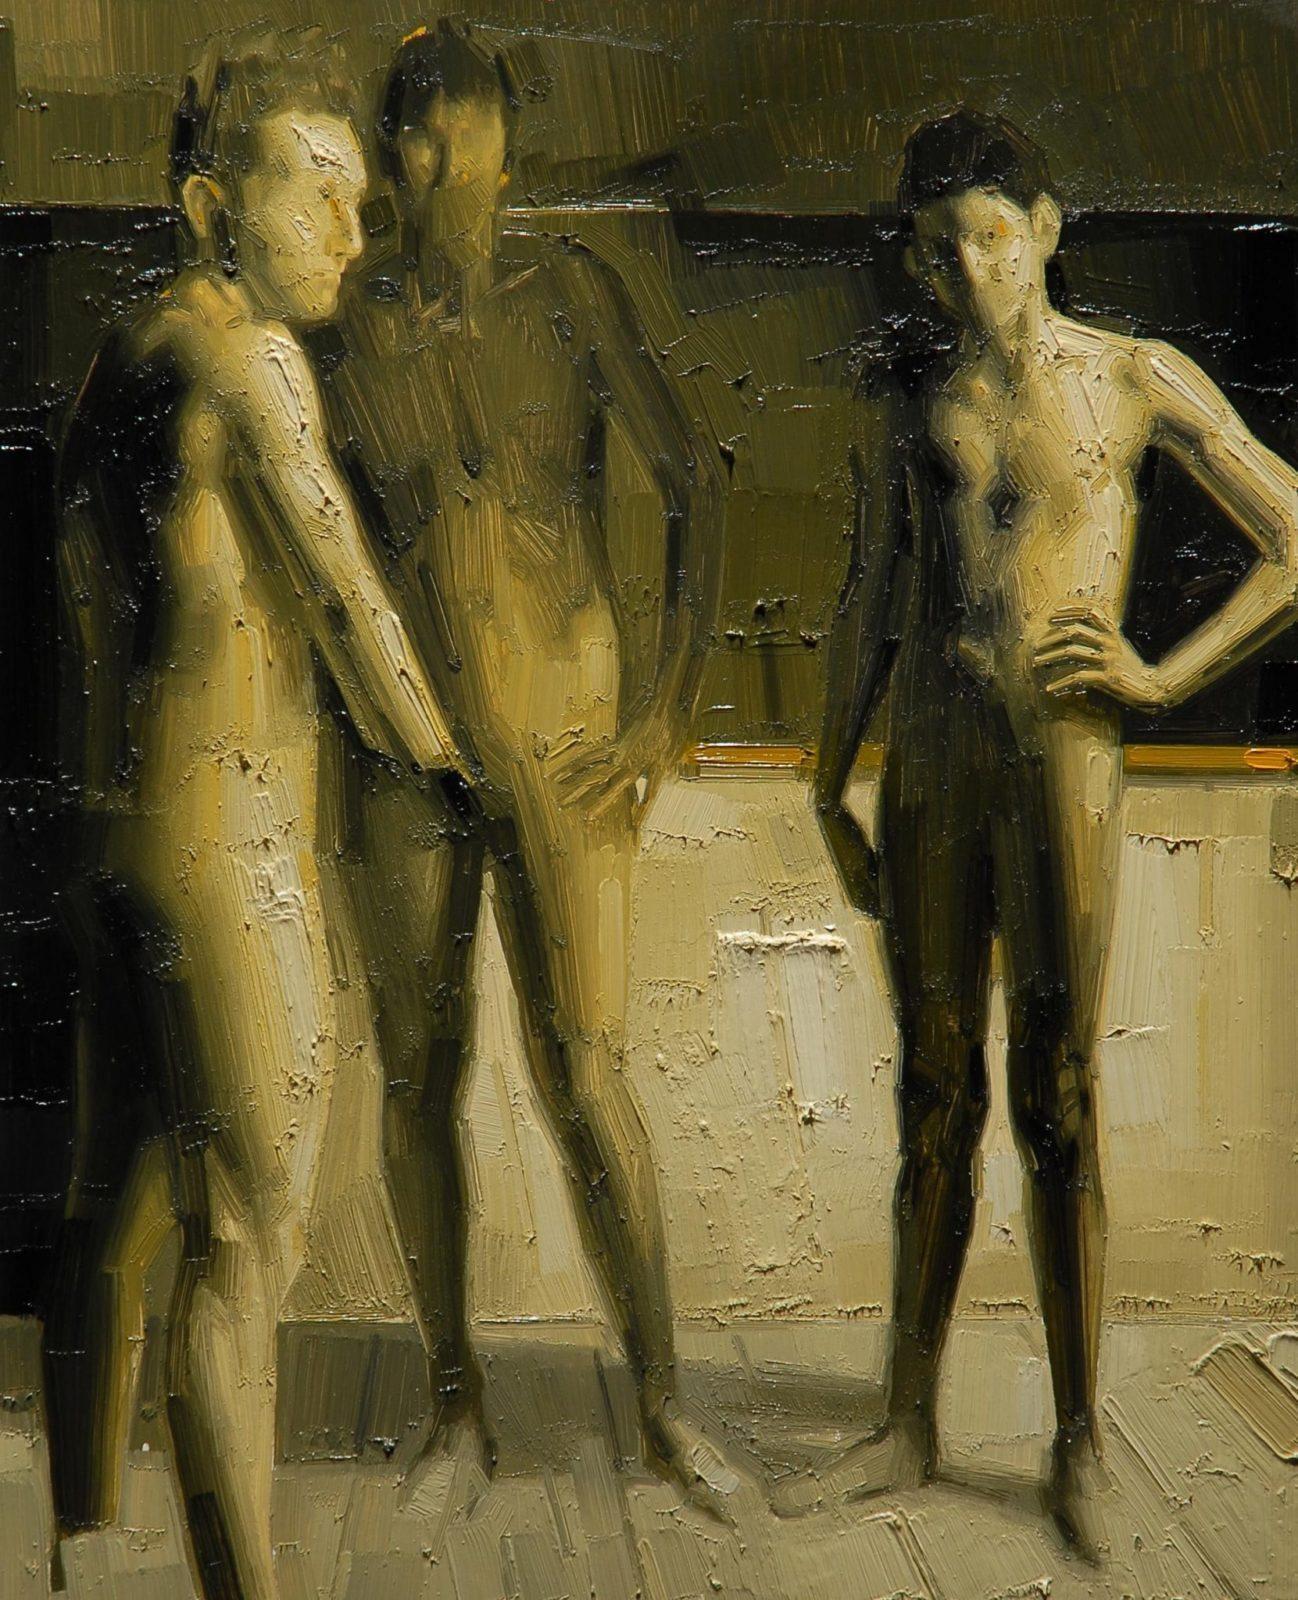 s.t., 2011, olio su tavola, cm. 44x36 euro 1250